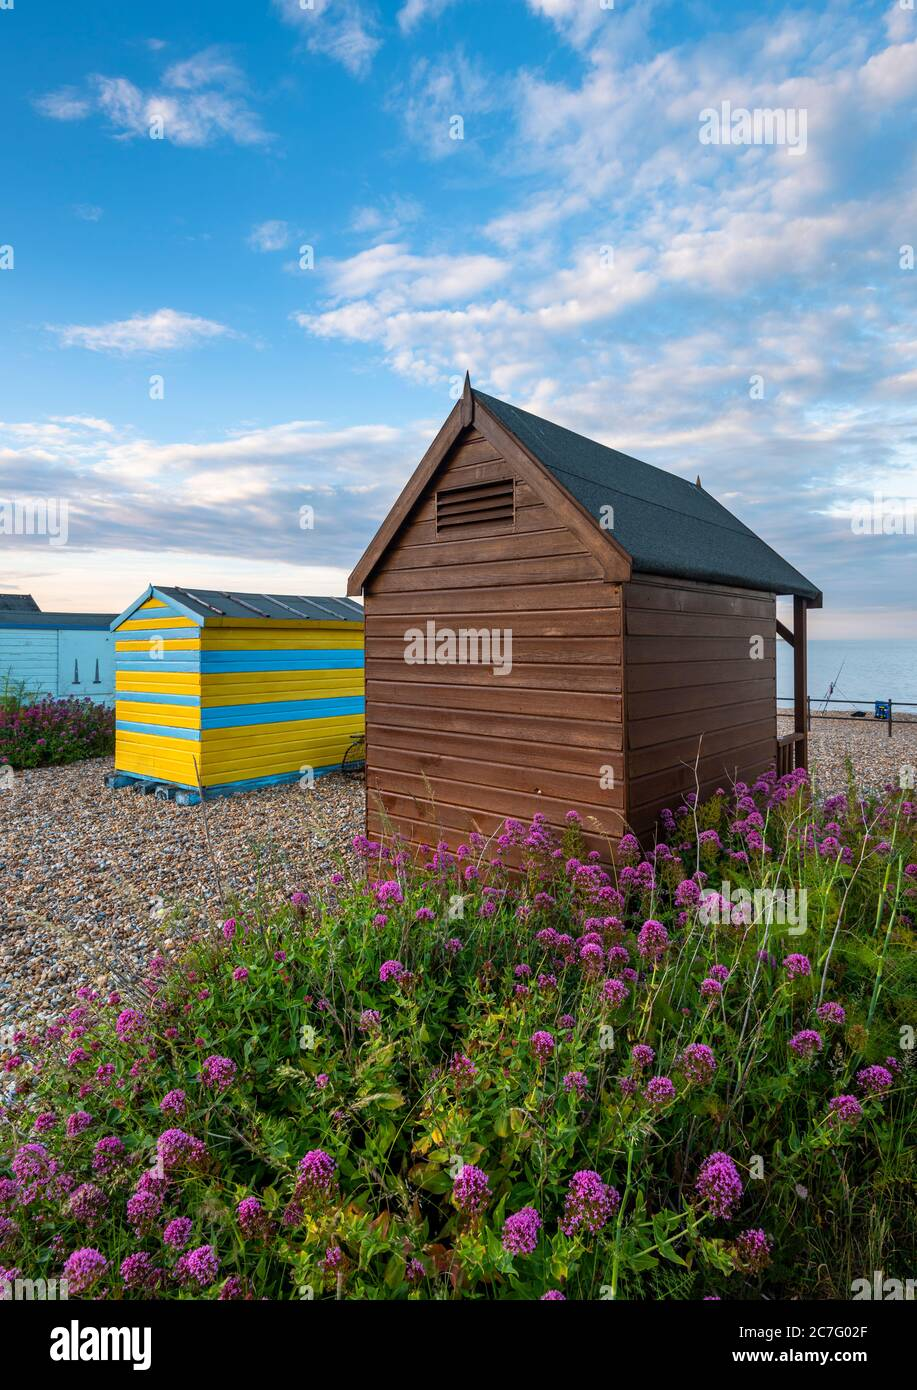 Cabañas de playa en la playa Kingsdown cerca tratar con flores rojas Valerianas en el primer plano. Foto de stock